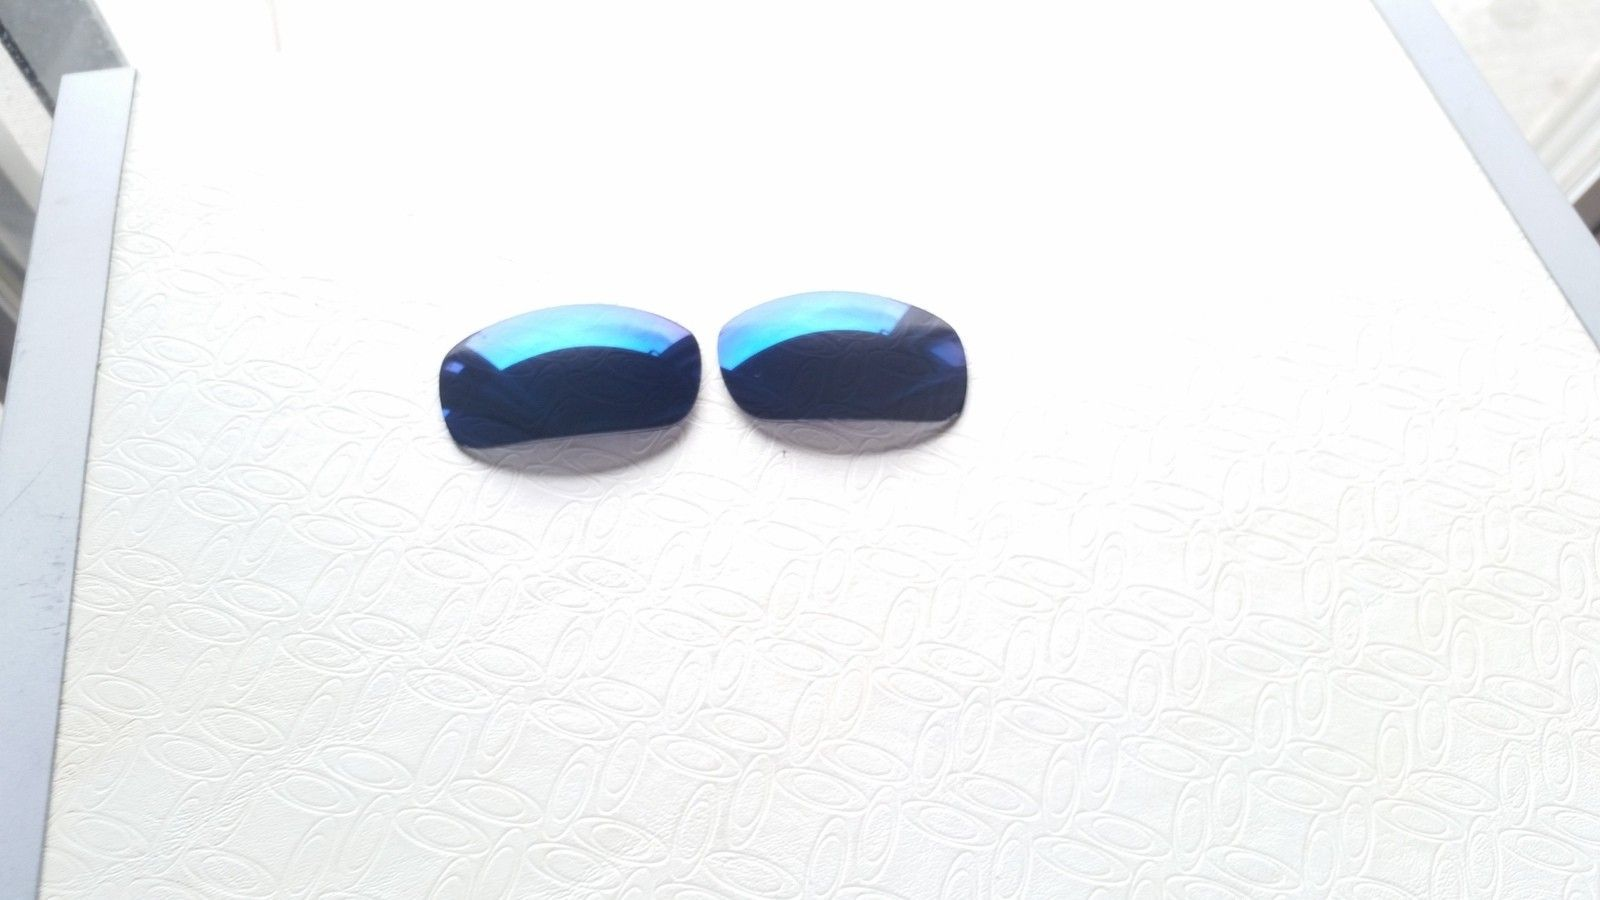 Everything Juliet, OTT, lenses, rubbers, accessories - uploadfromtaptalk1434919858650.jpg